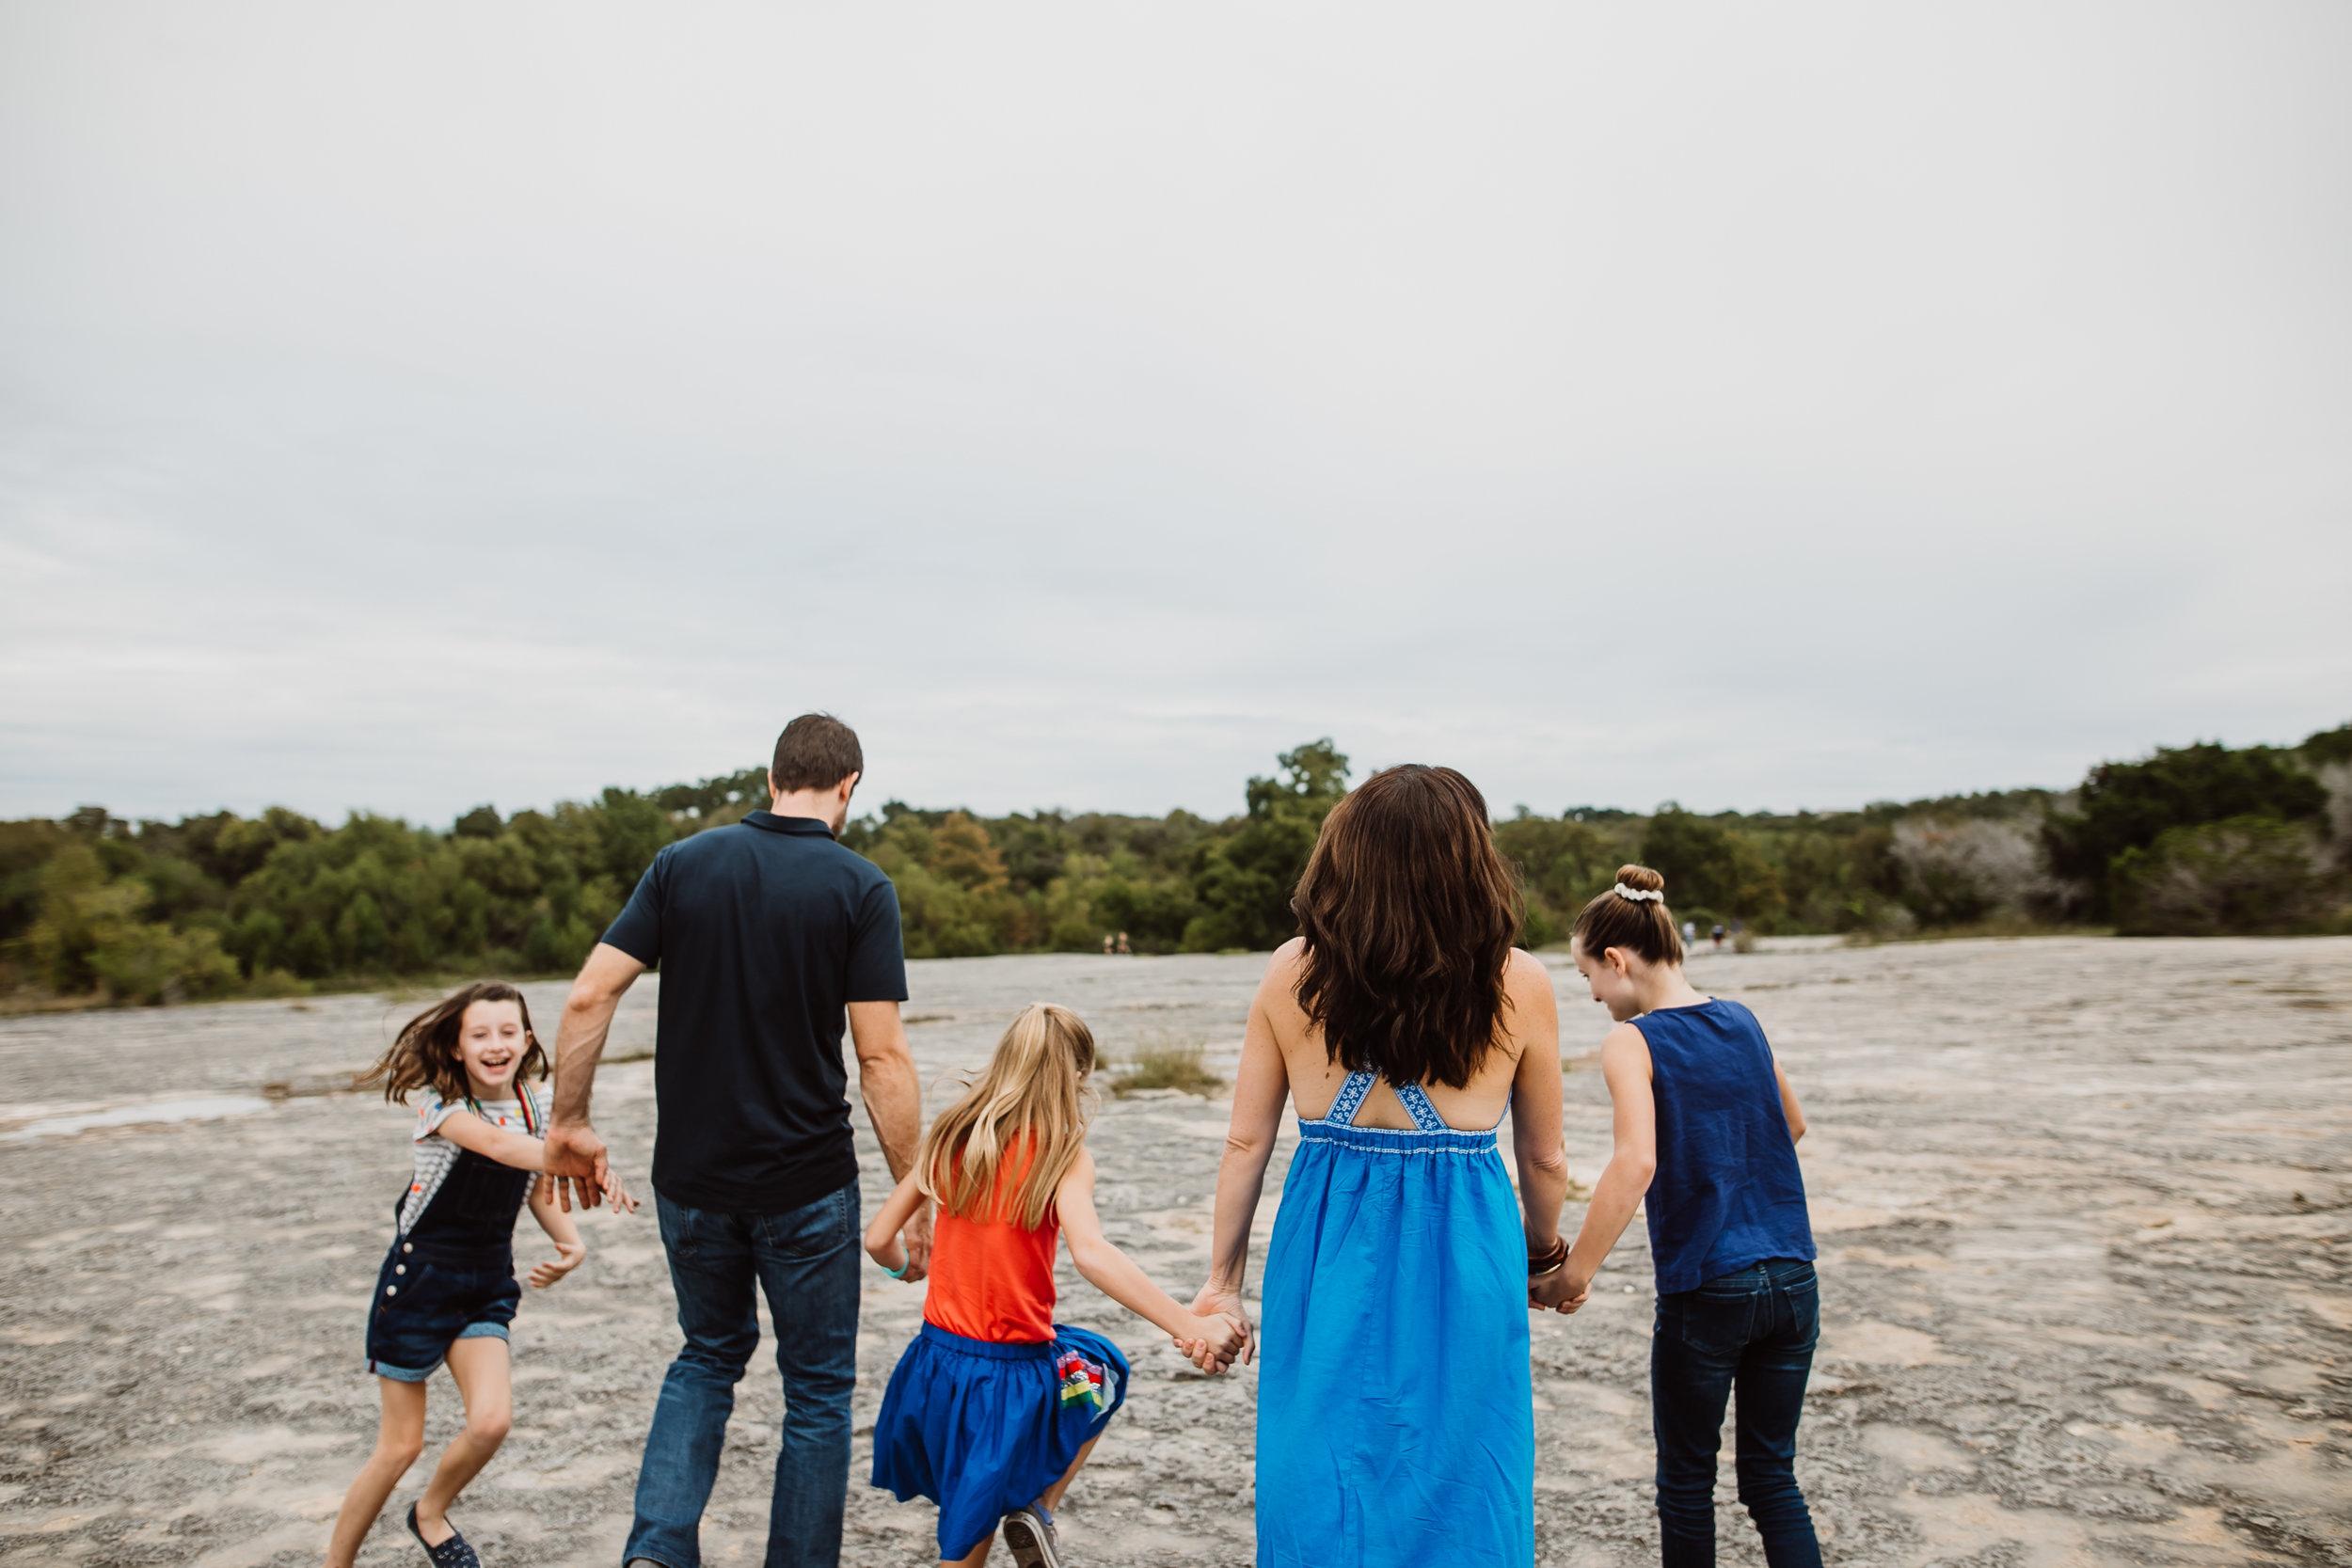 mckinney-falls-family-session-burpo (9 of 205).jpg